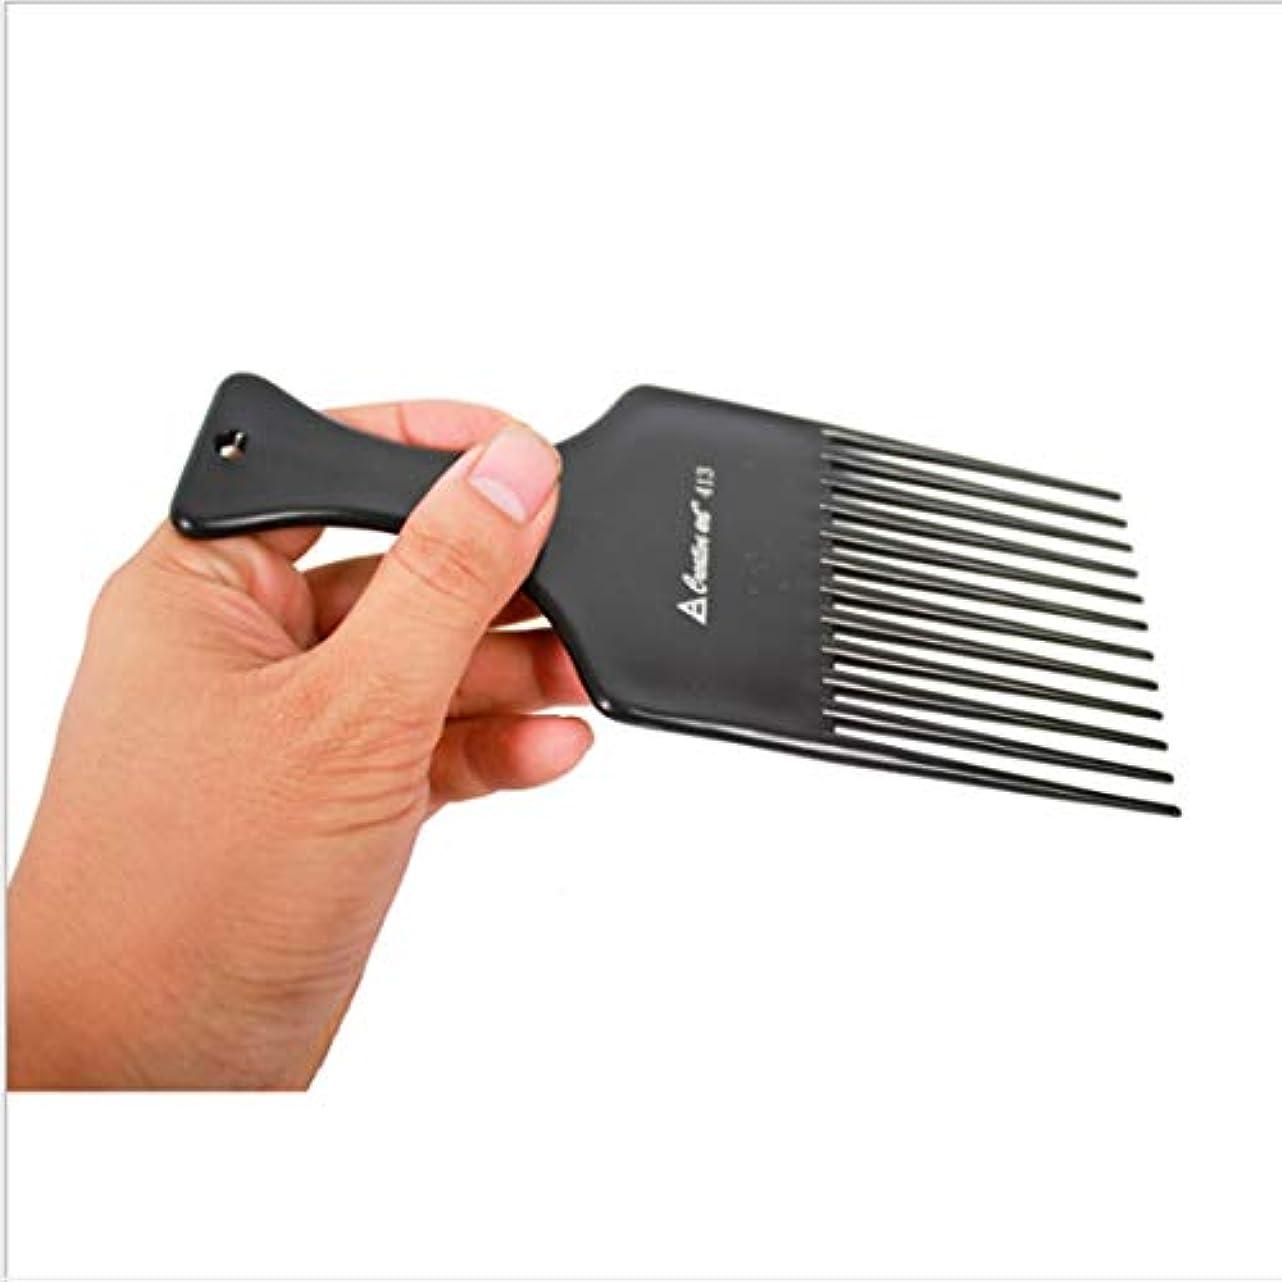 局超越する敗北Guomao 理髪師のフォーク-7inchの長さのための滑らかな毛の調整の熊手の櫛 (色 : 黒)